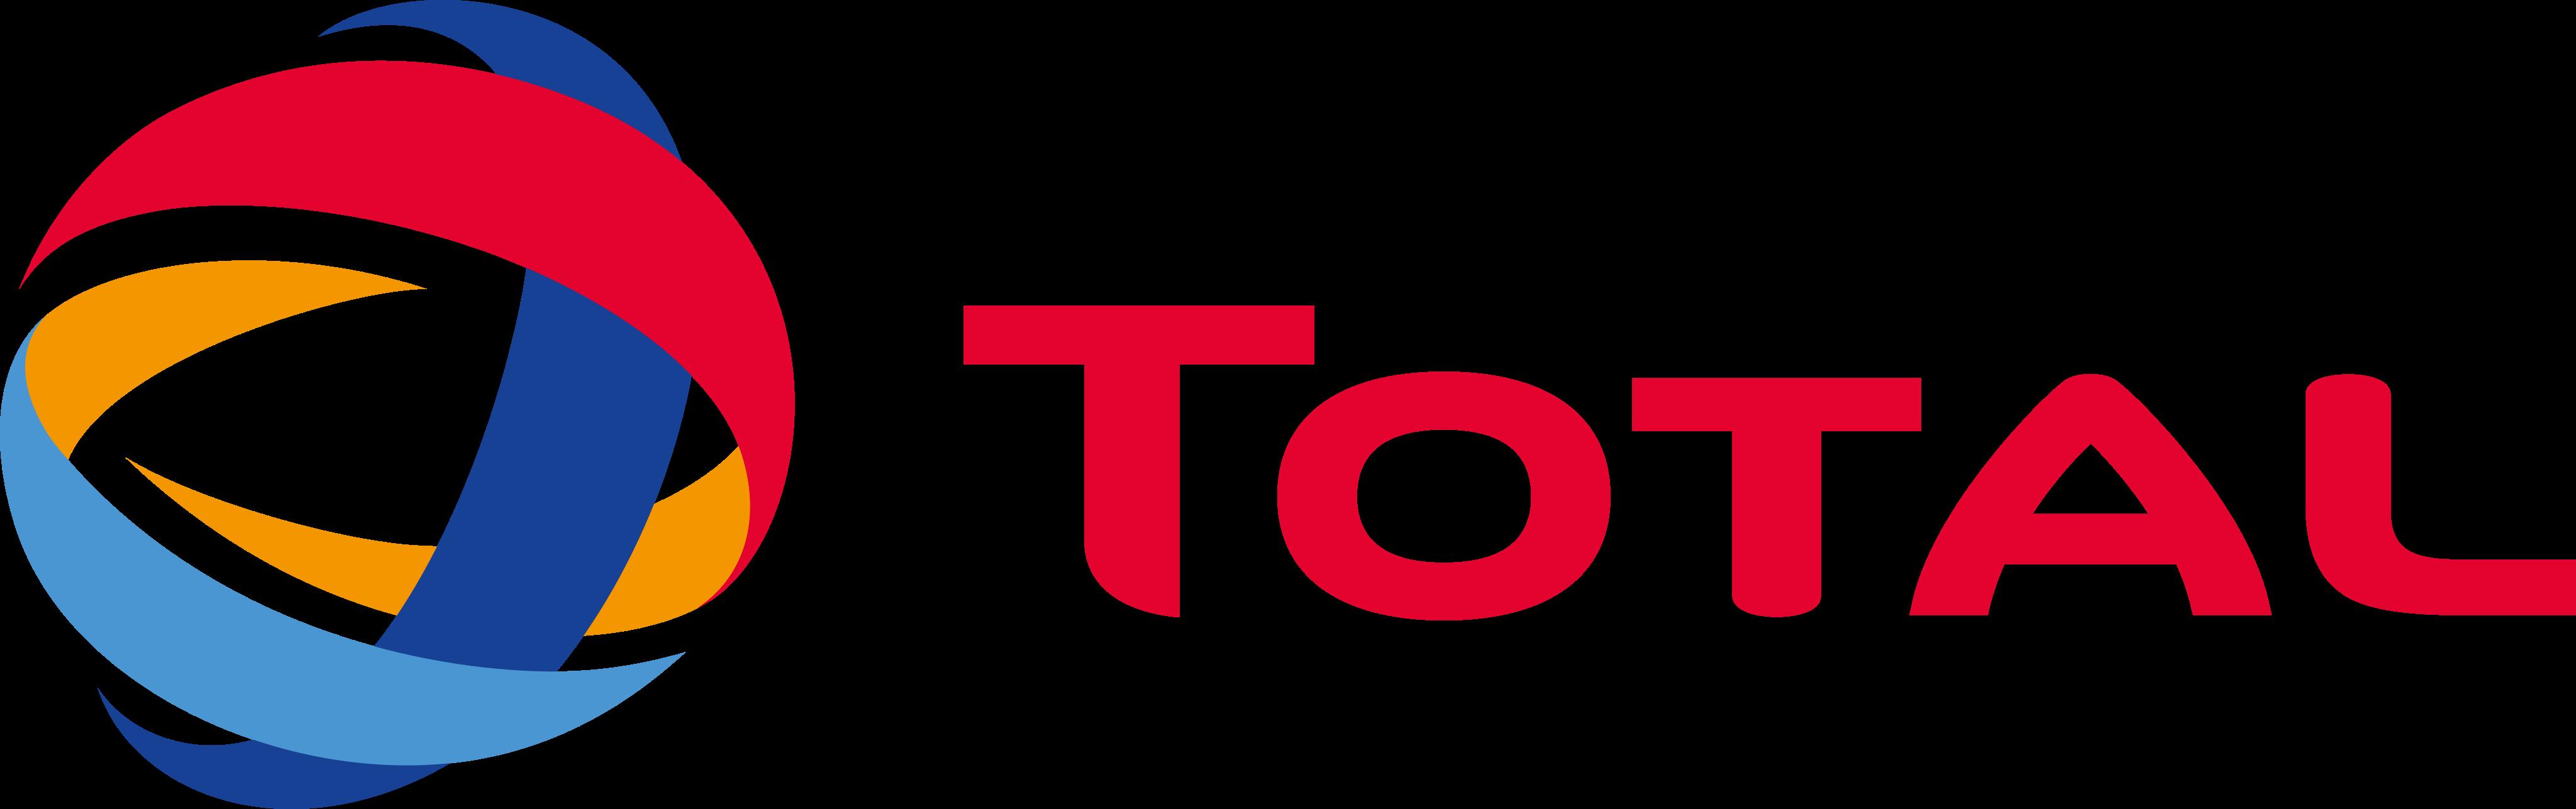 total logo - Total Logo (Energia)